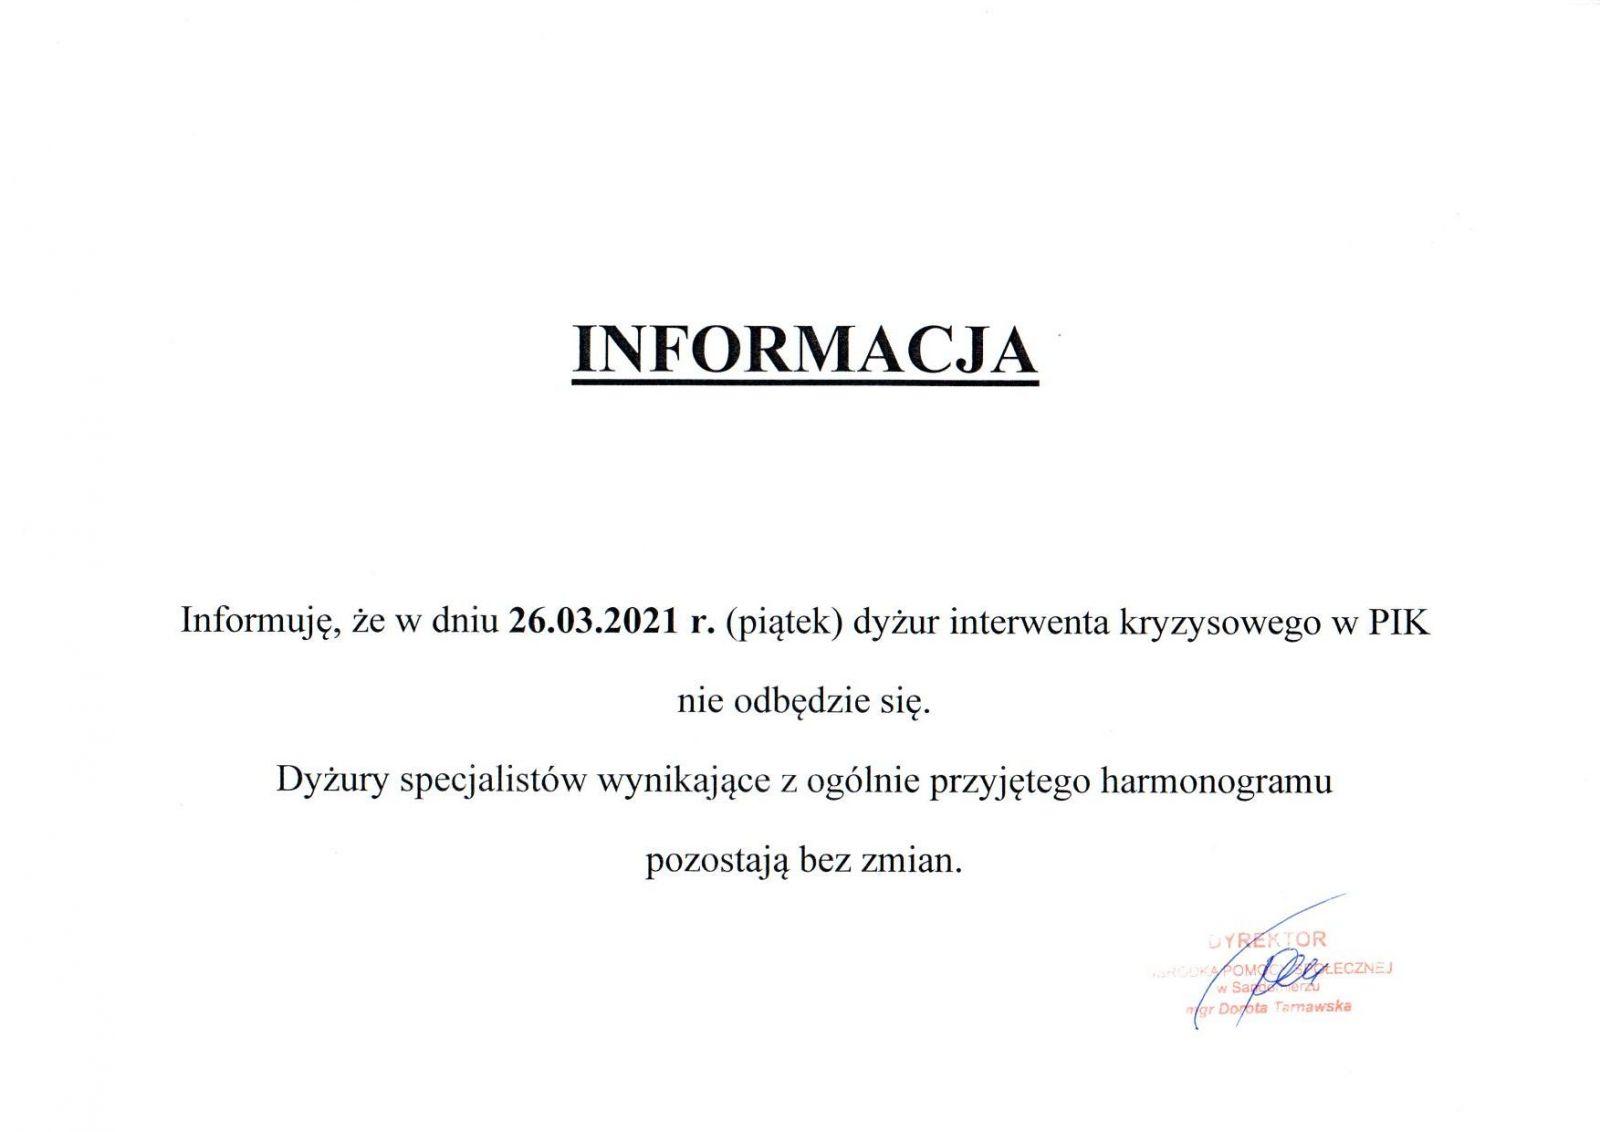 Informacja że w dniu 26.03.2021r. dużur interwenta kryzysowego nie odbędzie się